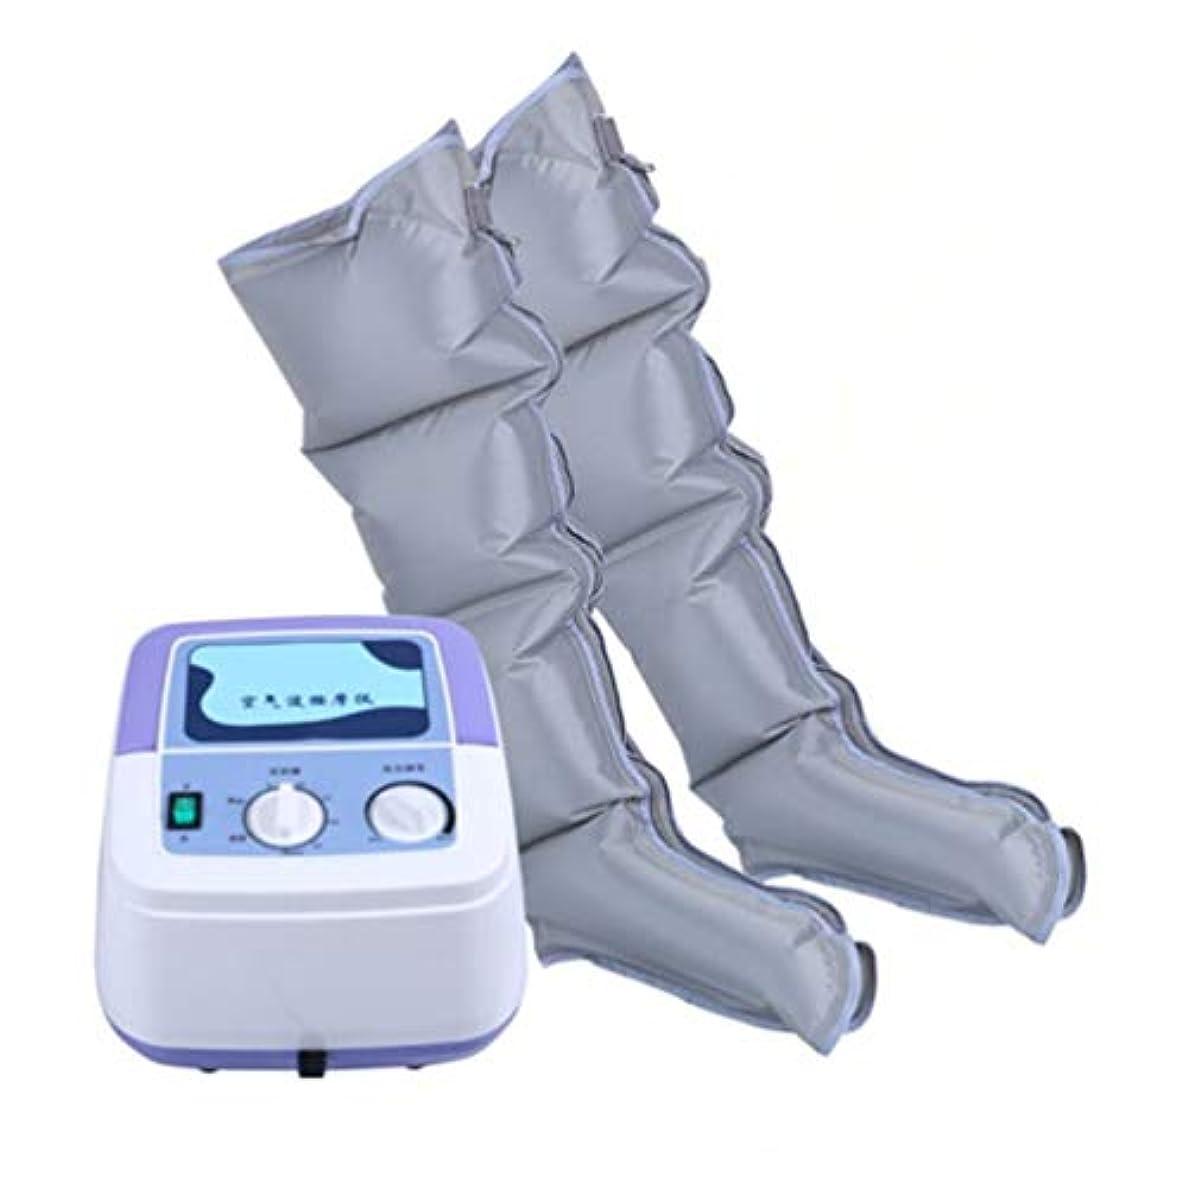 言語学嫌い社会科足および足の筋肉の循環のマッサージ療法のための空気圧縮の足のマッサージャーは腫れおよび浮腫の苦痛を助けます